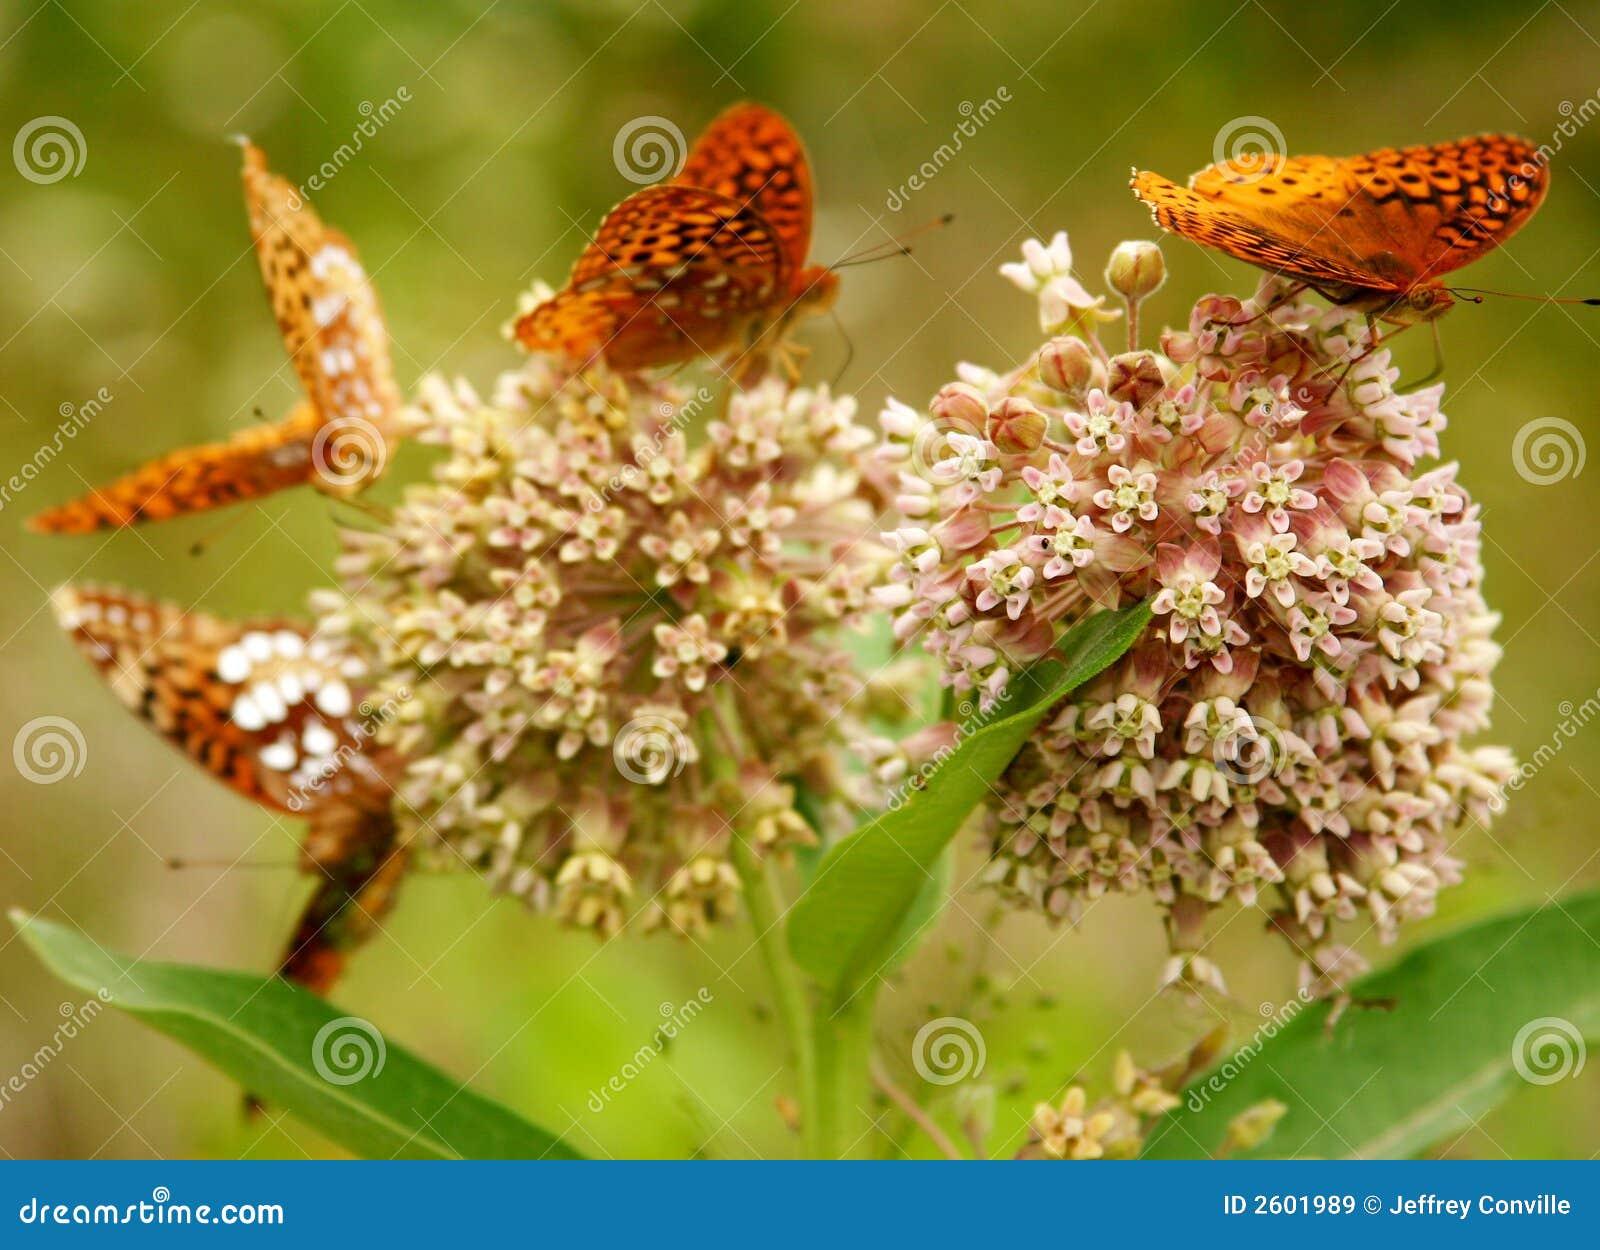 λουλούδια πεταλούδων